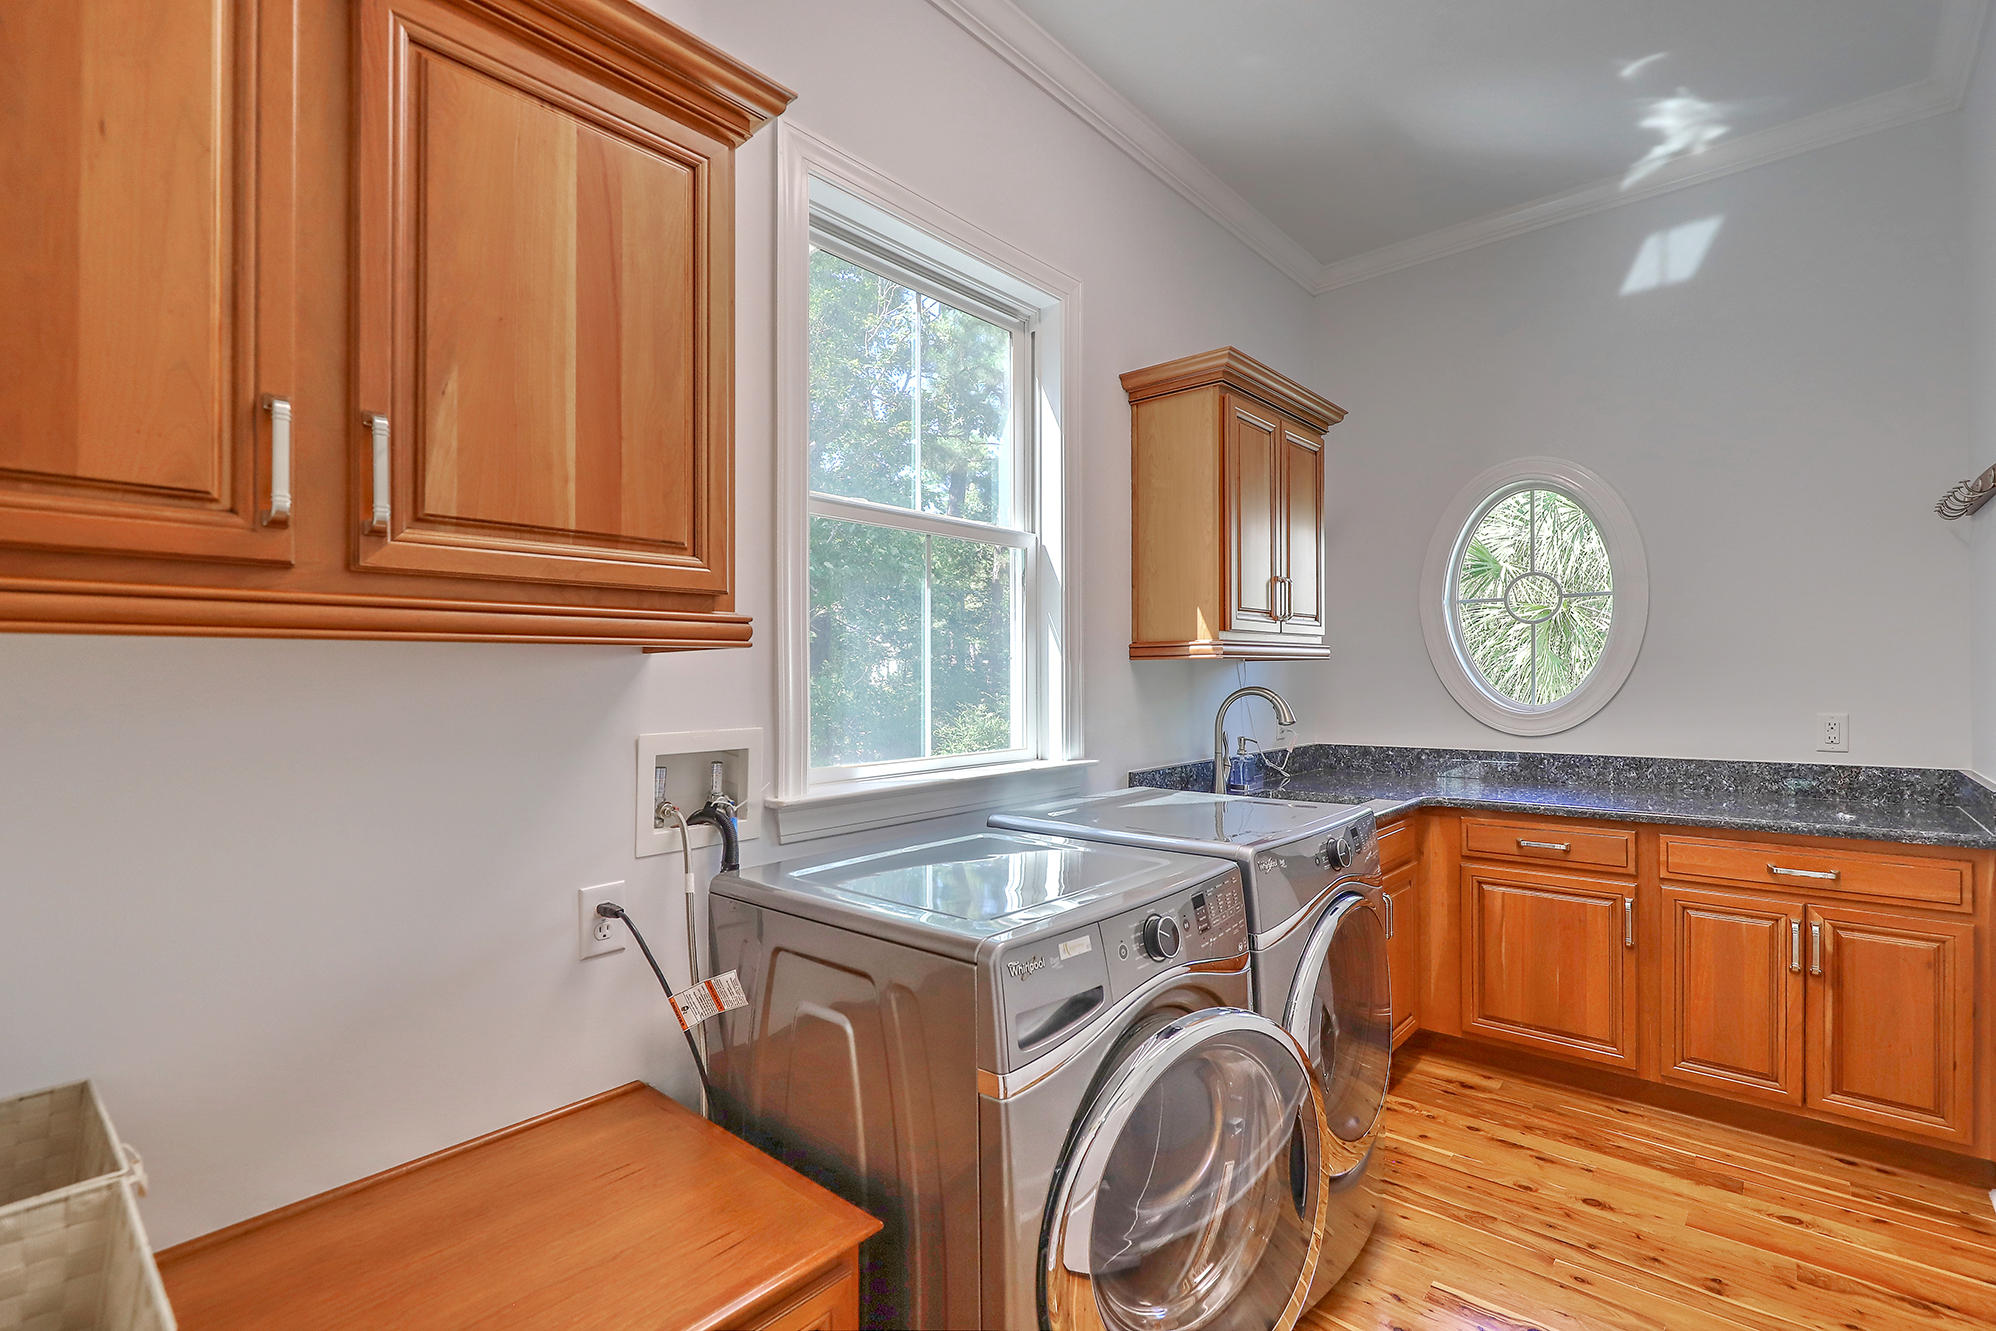 Park West Homes For Sale - 2108 Malcolm, Mount Pleasant, SC - 3